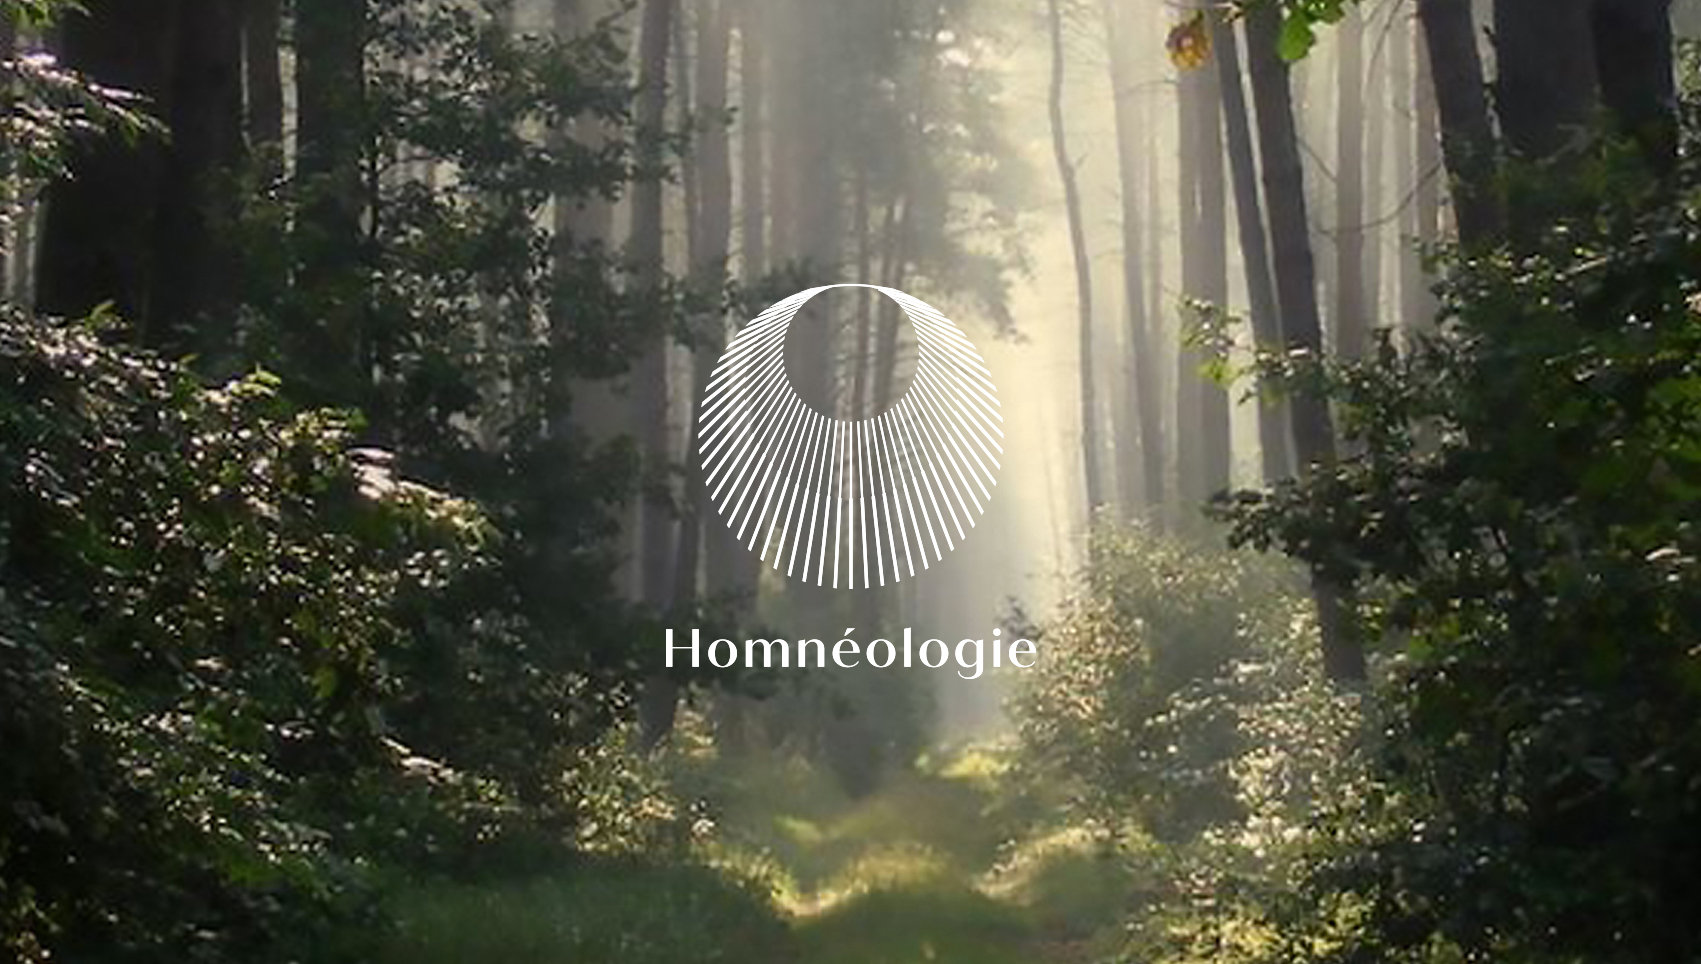 homneologie_website_main.jpg